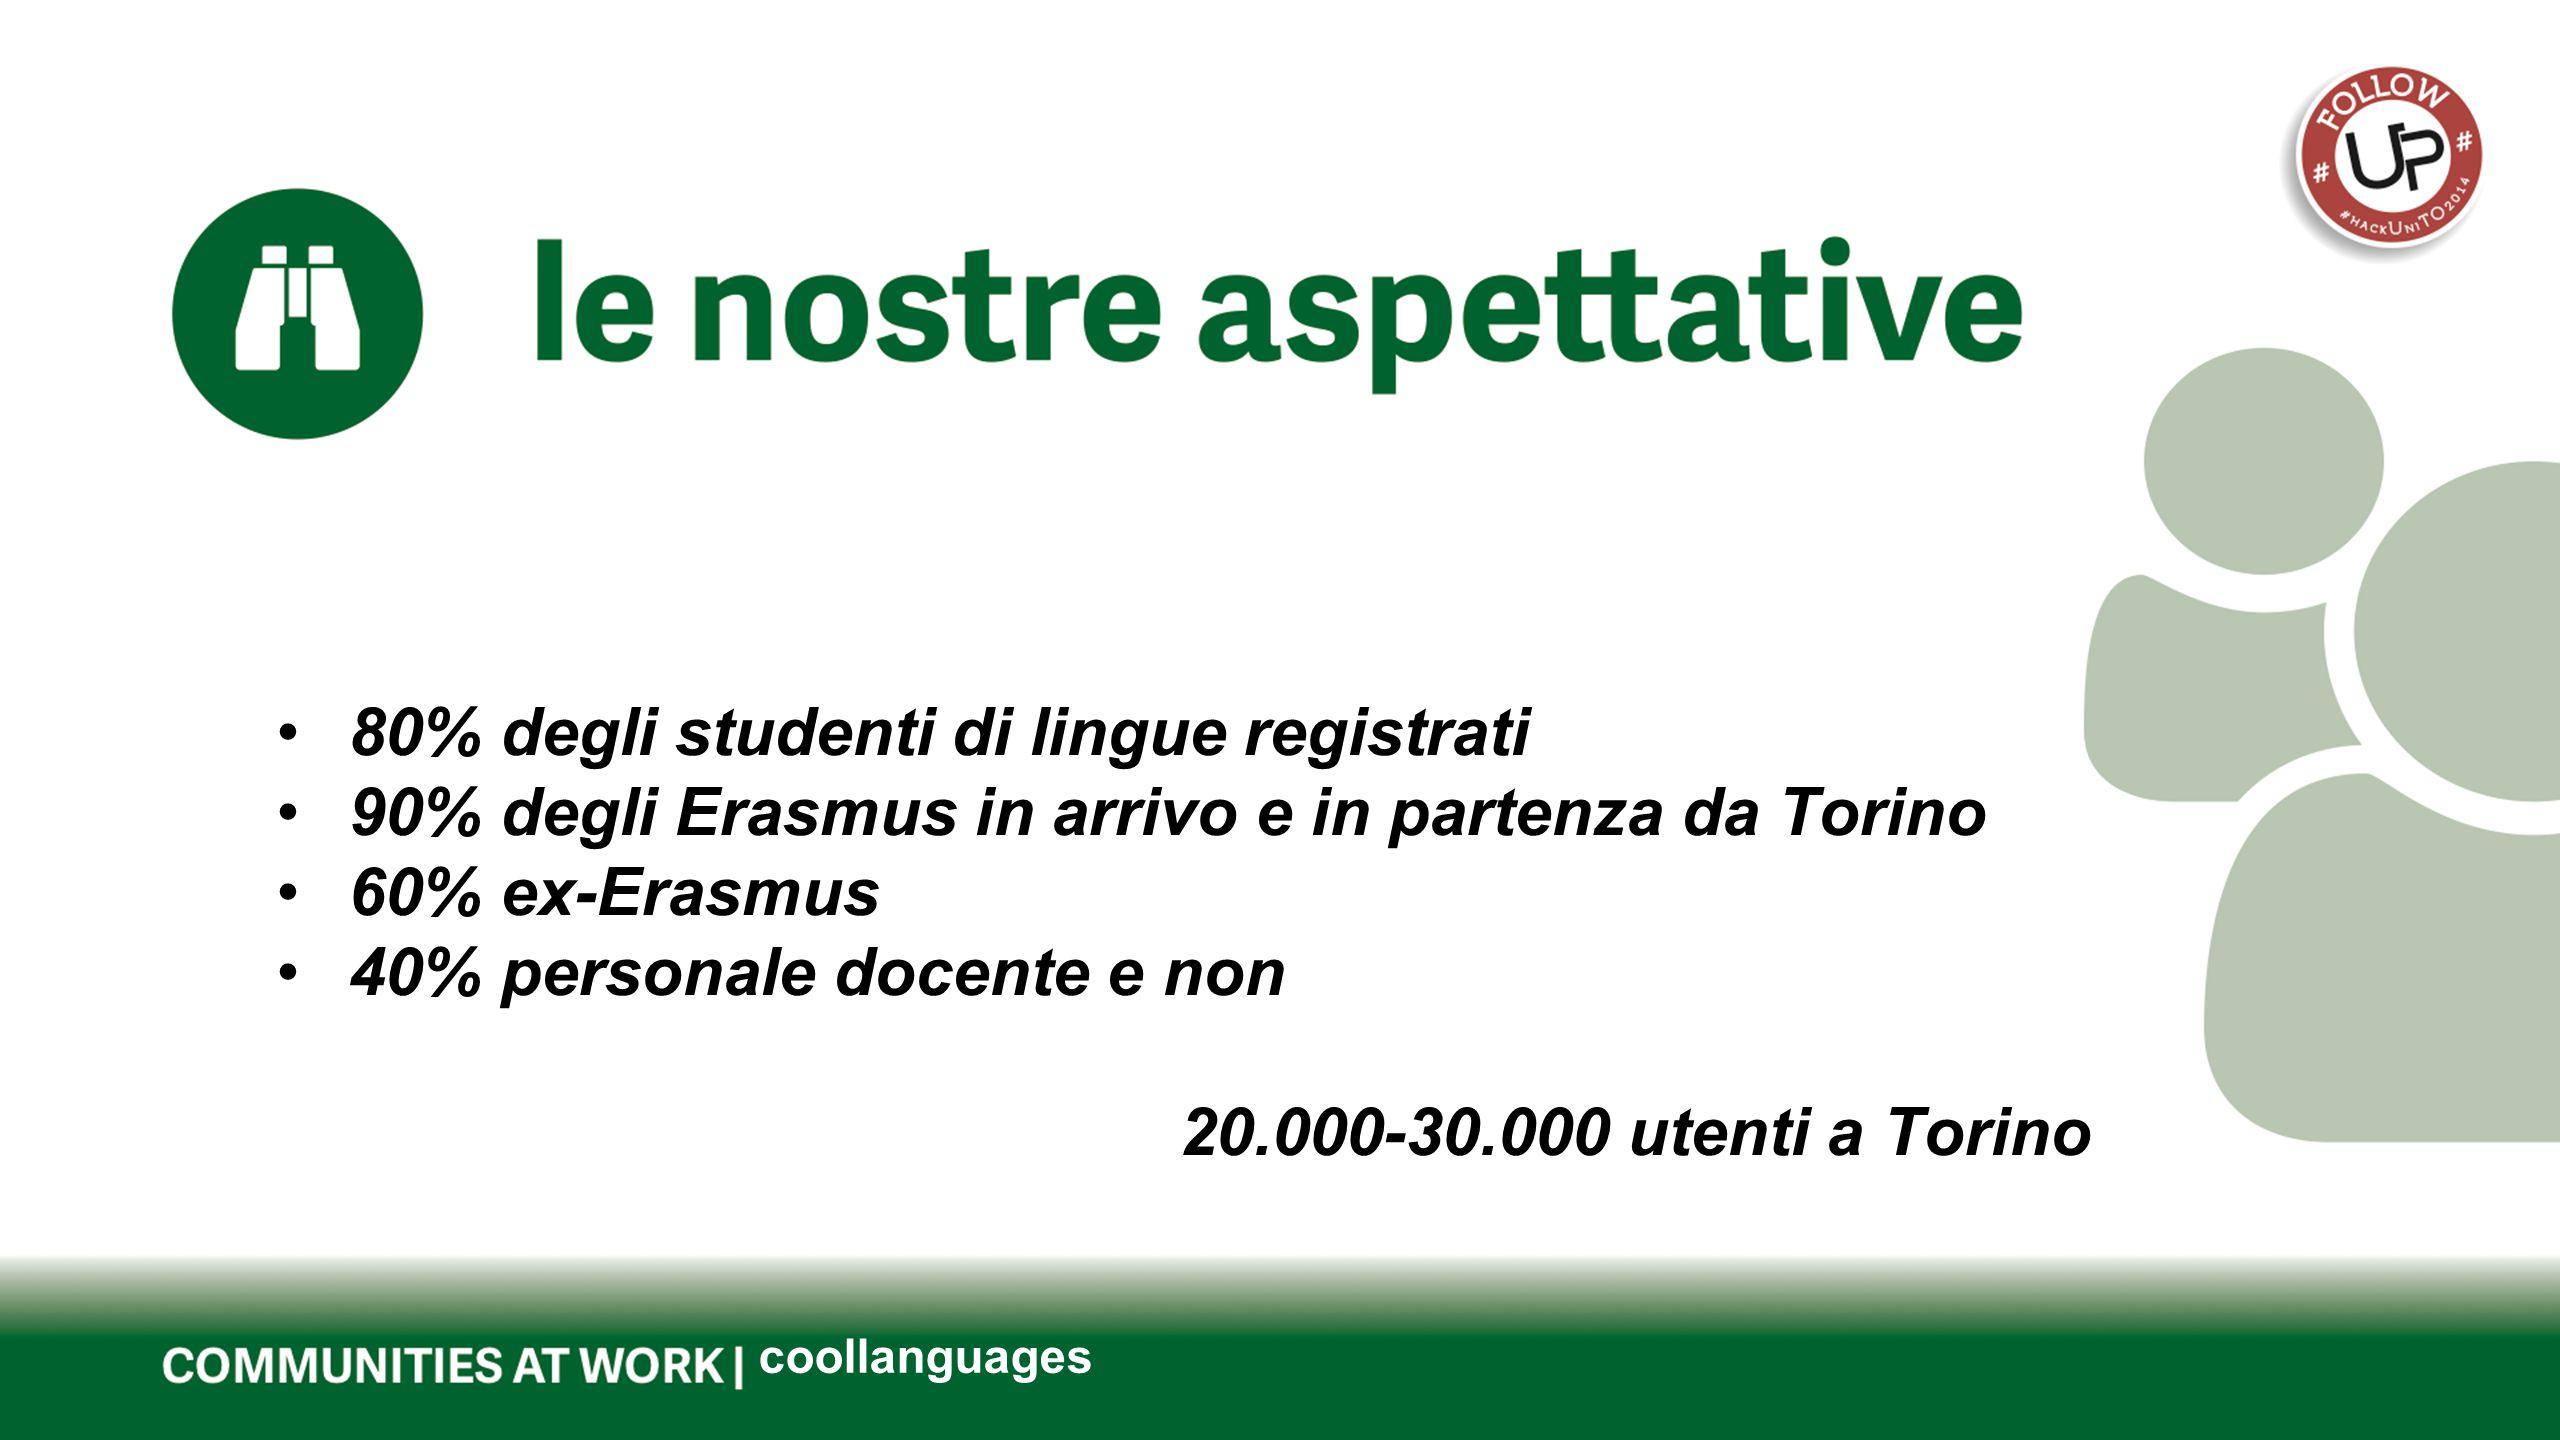 Questo è il titolo del tuo progetto coollanguages 80% degli studenti di lingue registrati 90% degli Erasmus in arrivo e in partenza da Torino 60% ex-Erasmus 40% personale docente e non 20.000-30.000 utenti a Torino